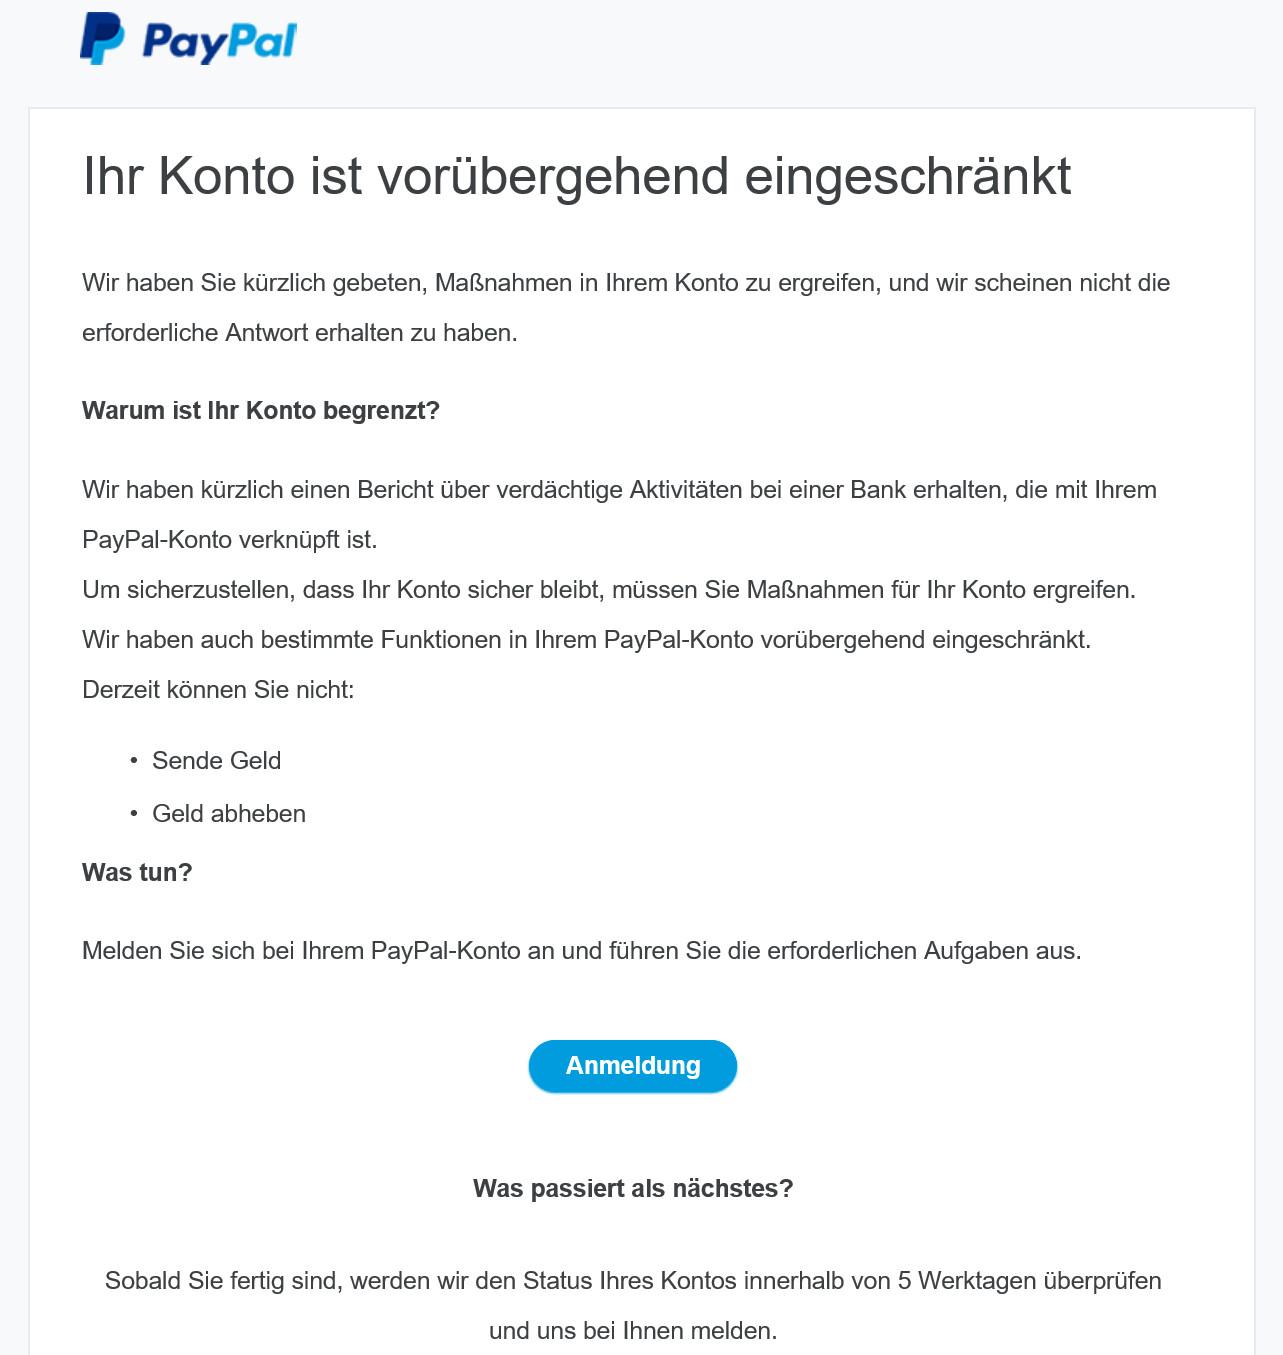 Paypal-Konto ist vorübergehend eingeschränkt